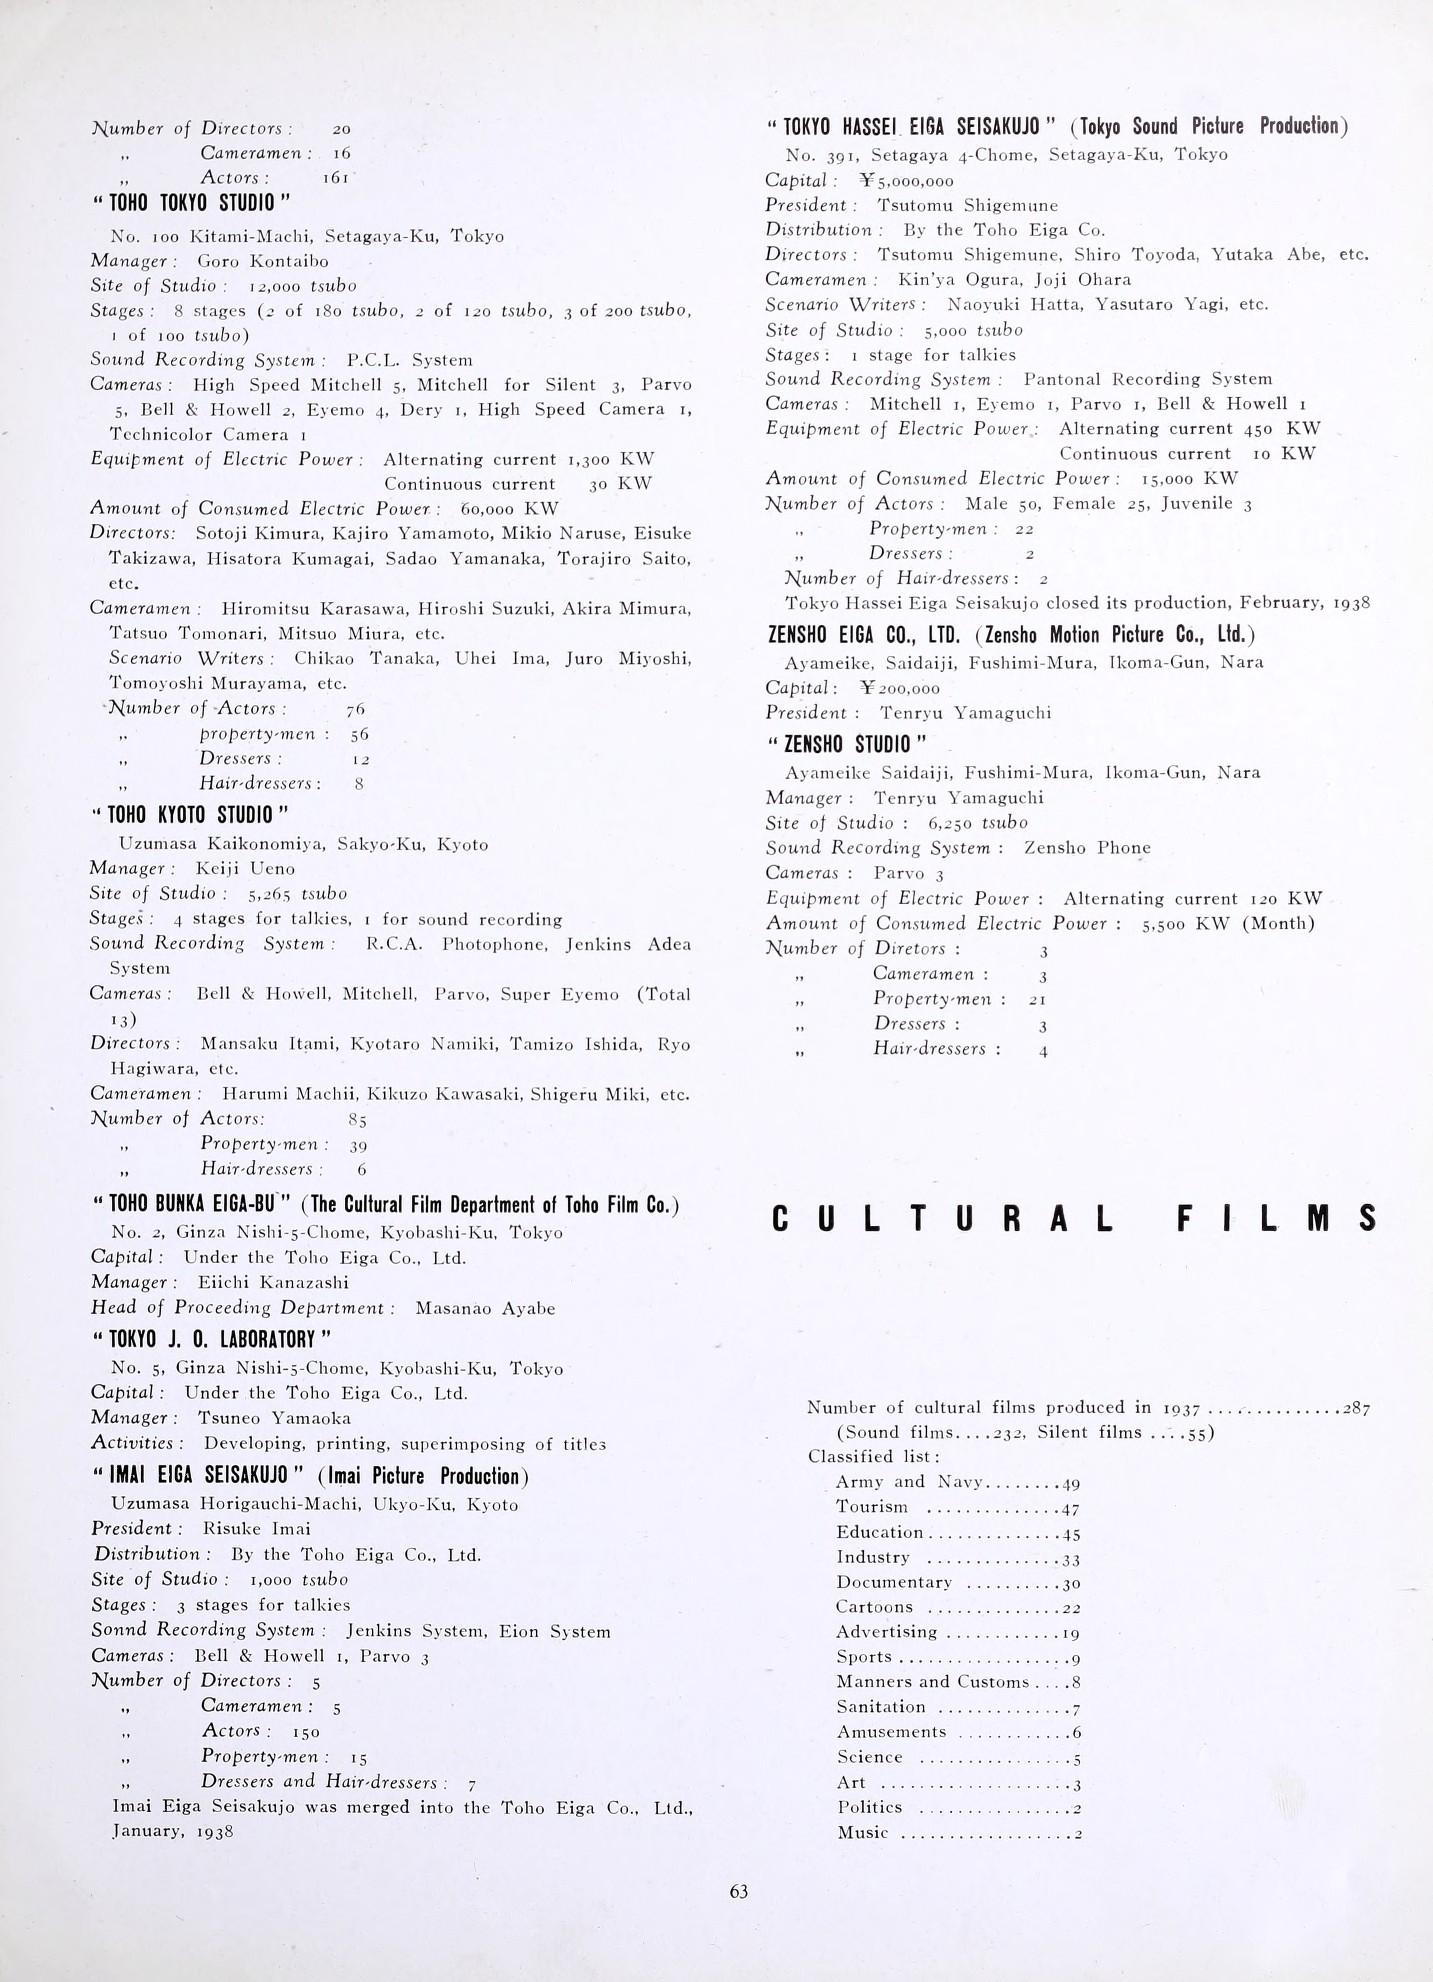 Cinemayearbookof00inte_0_jp2.zip&file=cinemayearbookof00inte_0_jp2%2fcinemayearbookof00inte_0_0073